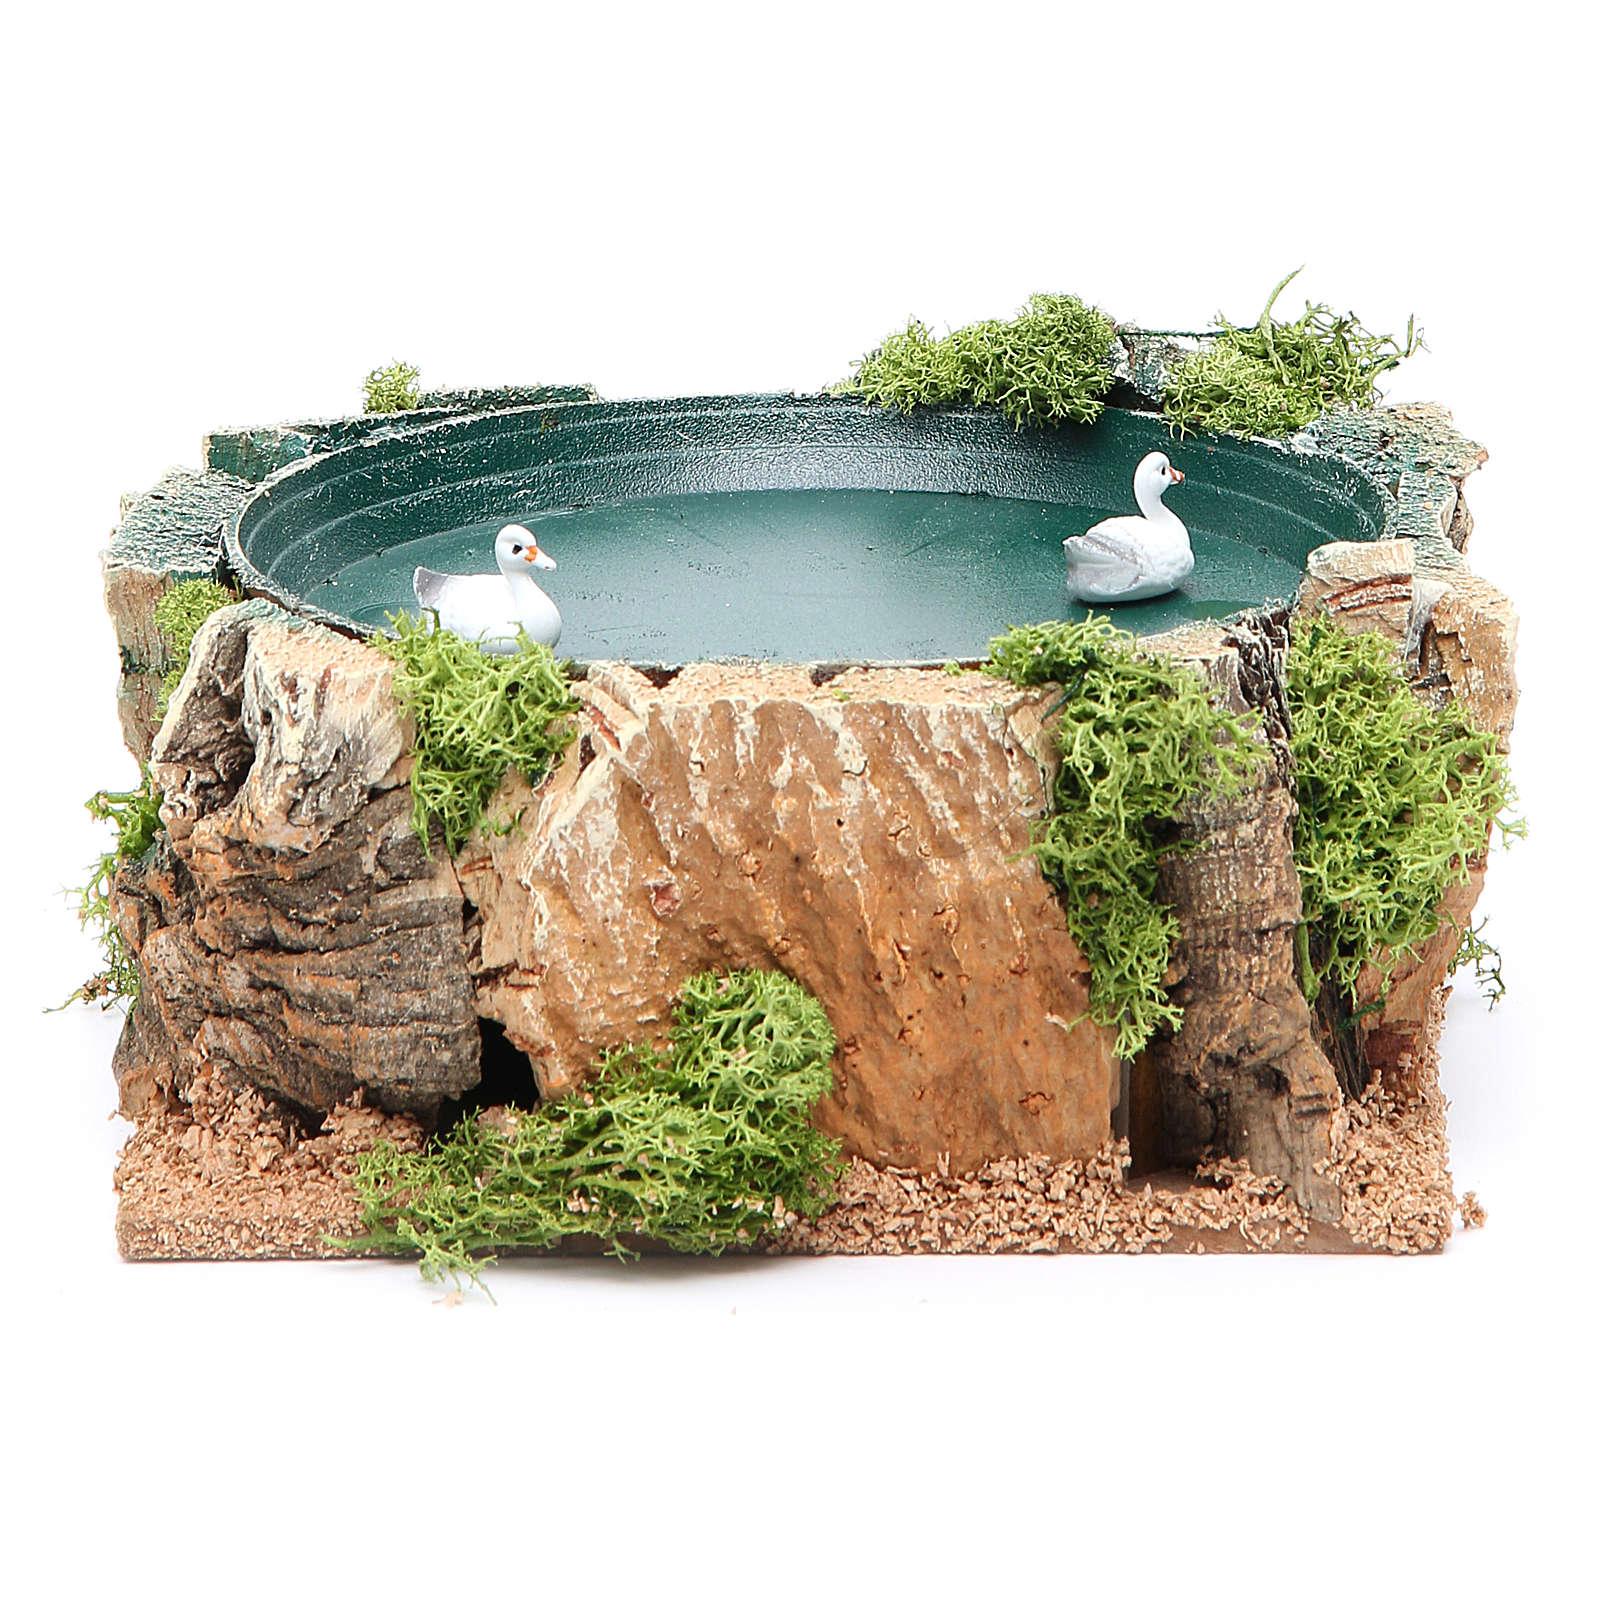 Lac avec canards en mouvement 7x15x15 cm 3